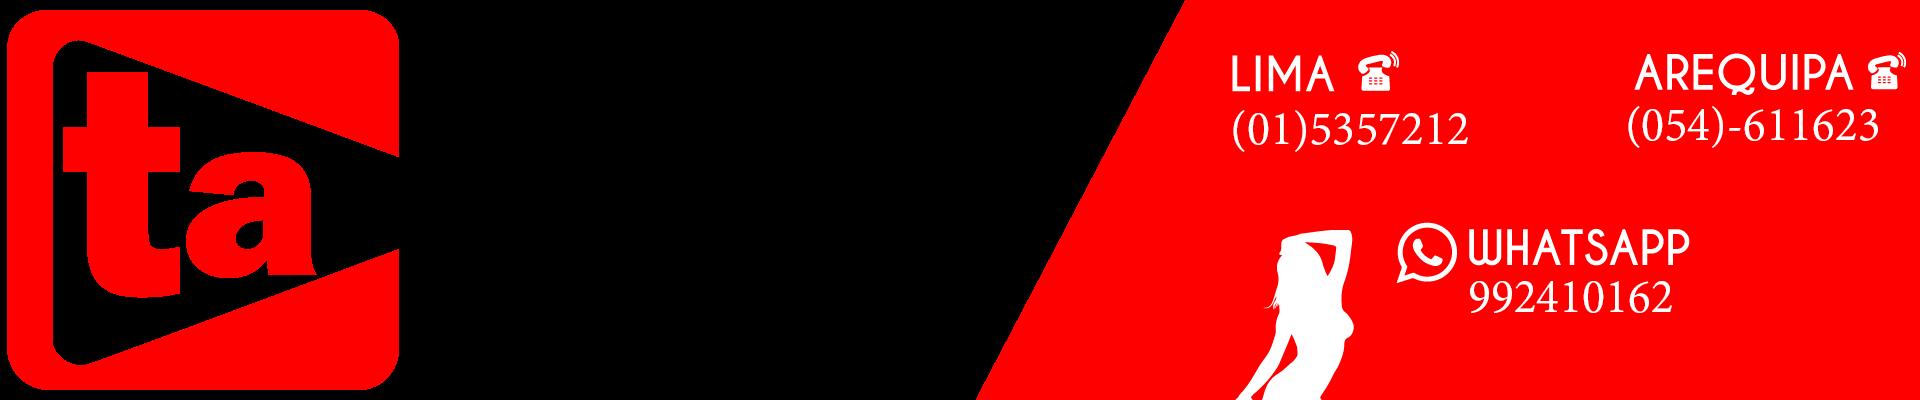 Anfitrionas Perú